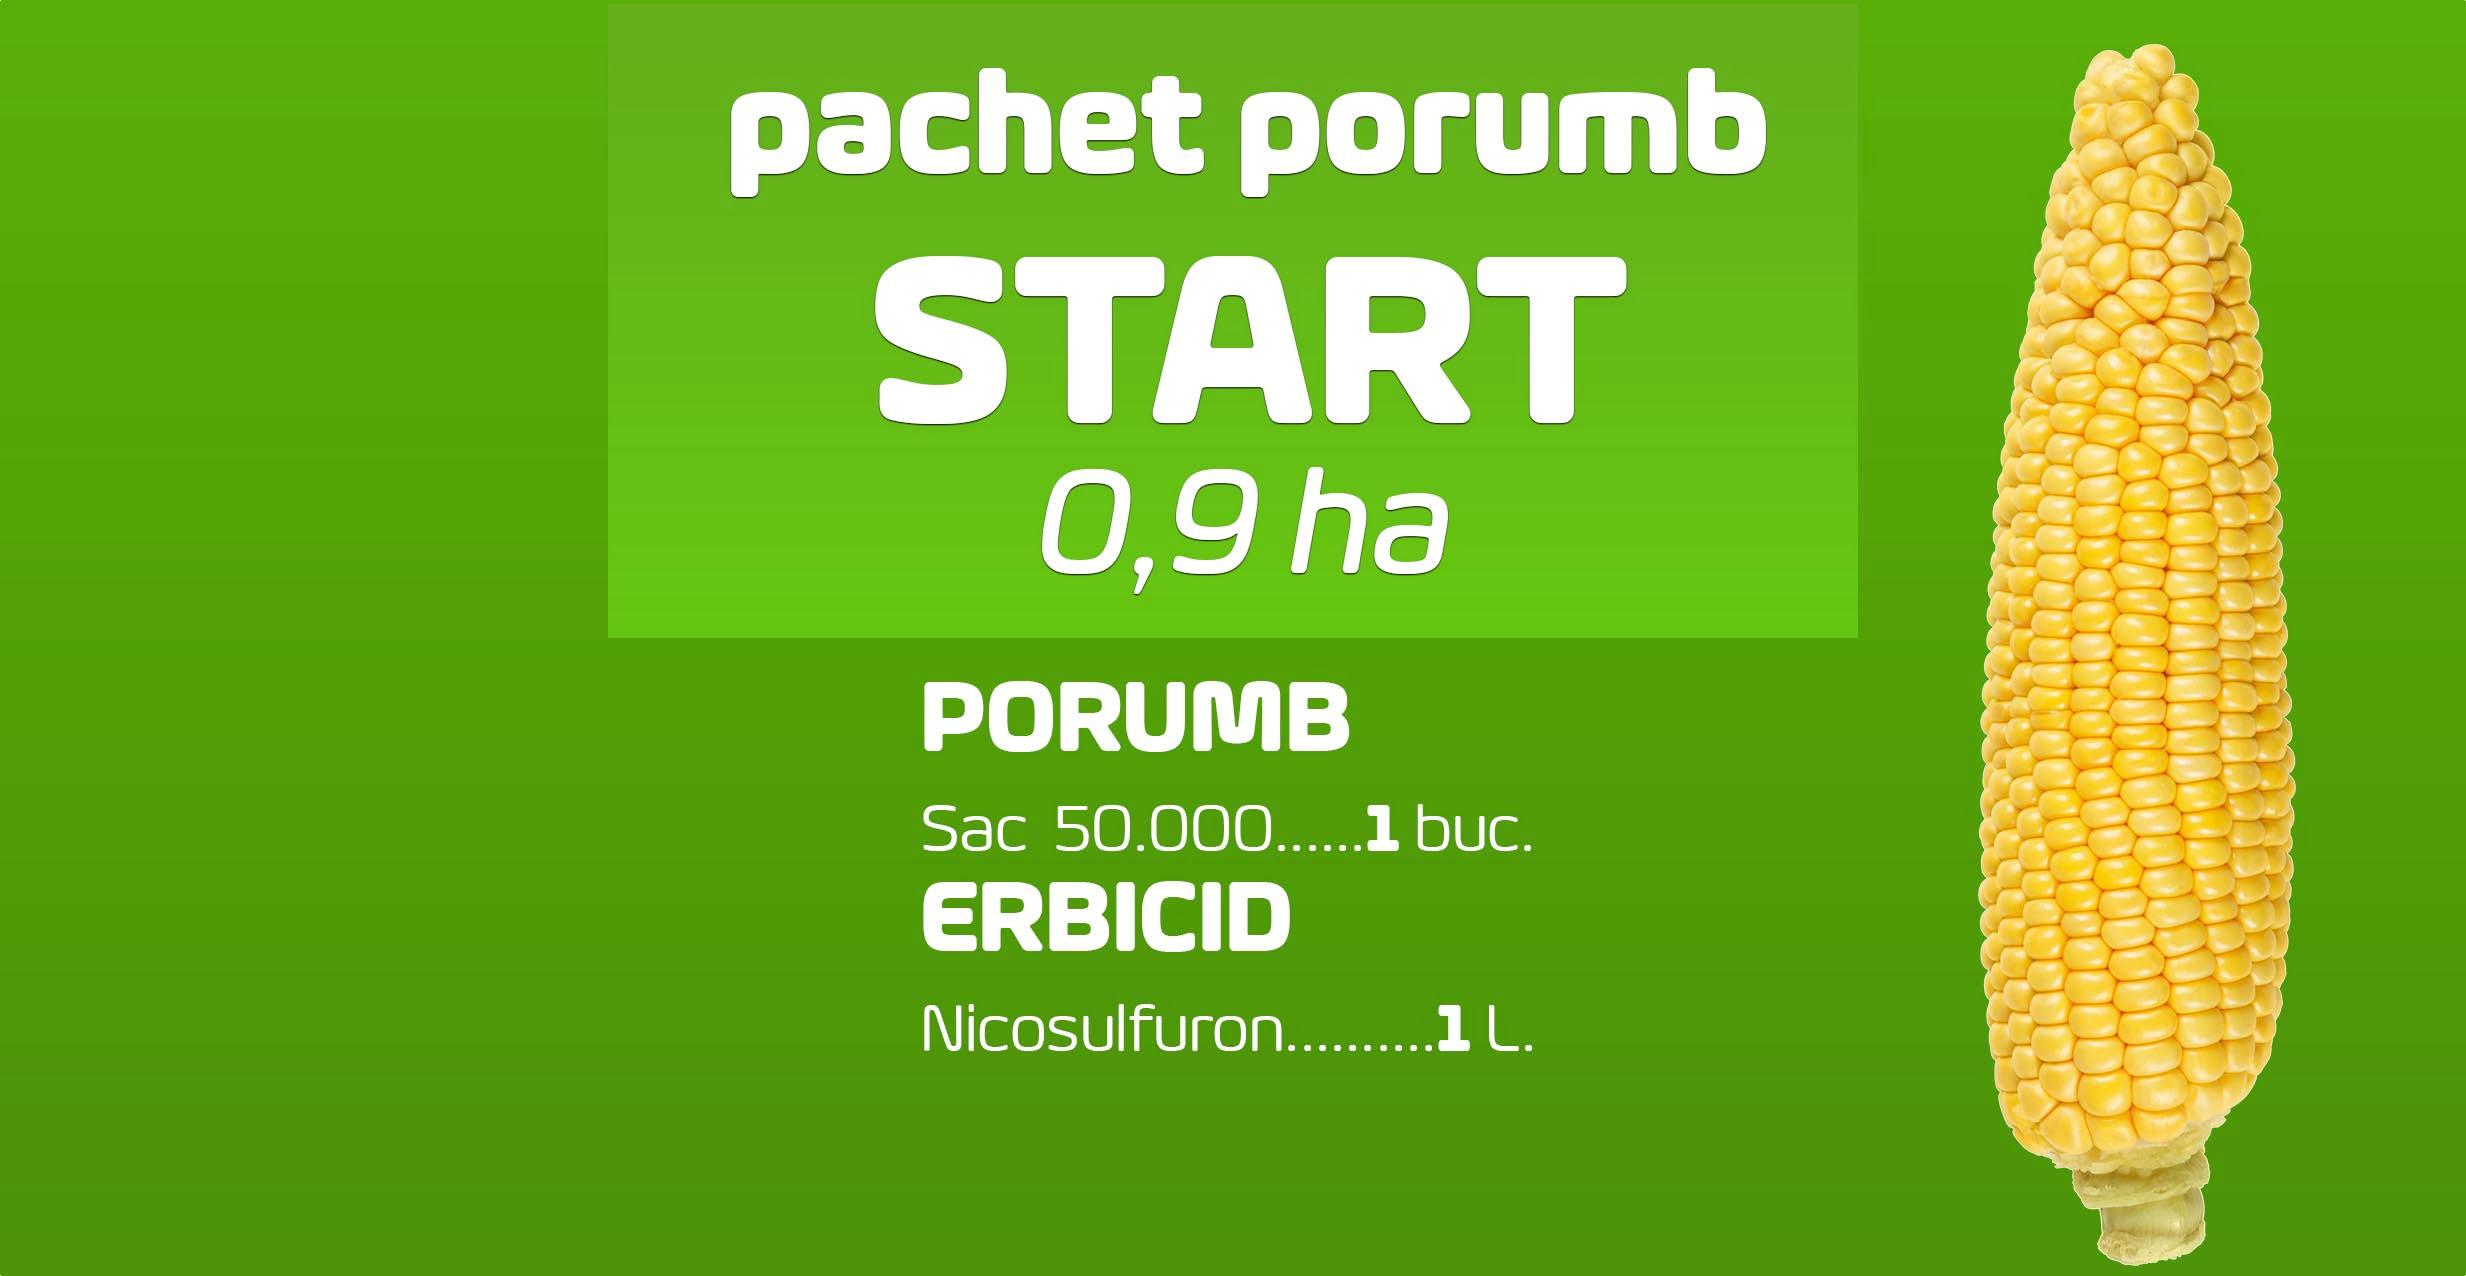 pachet start 0,9ha